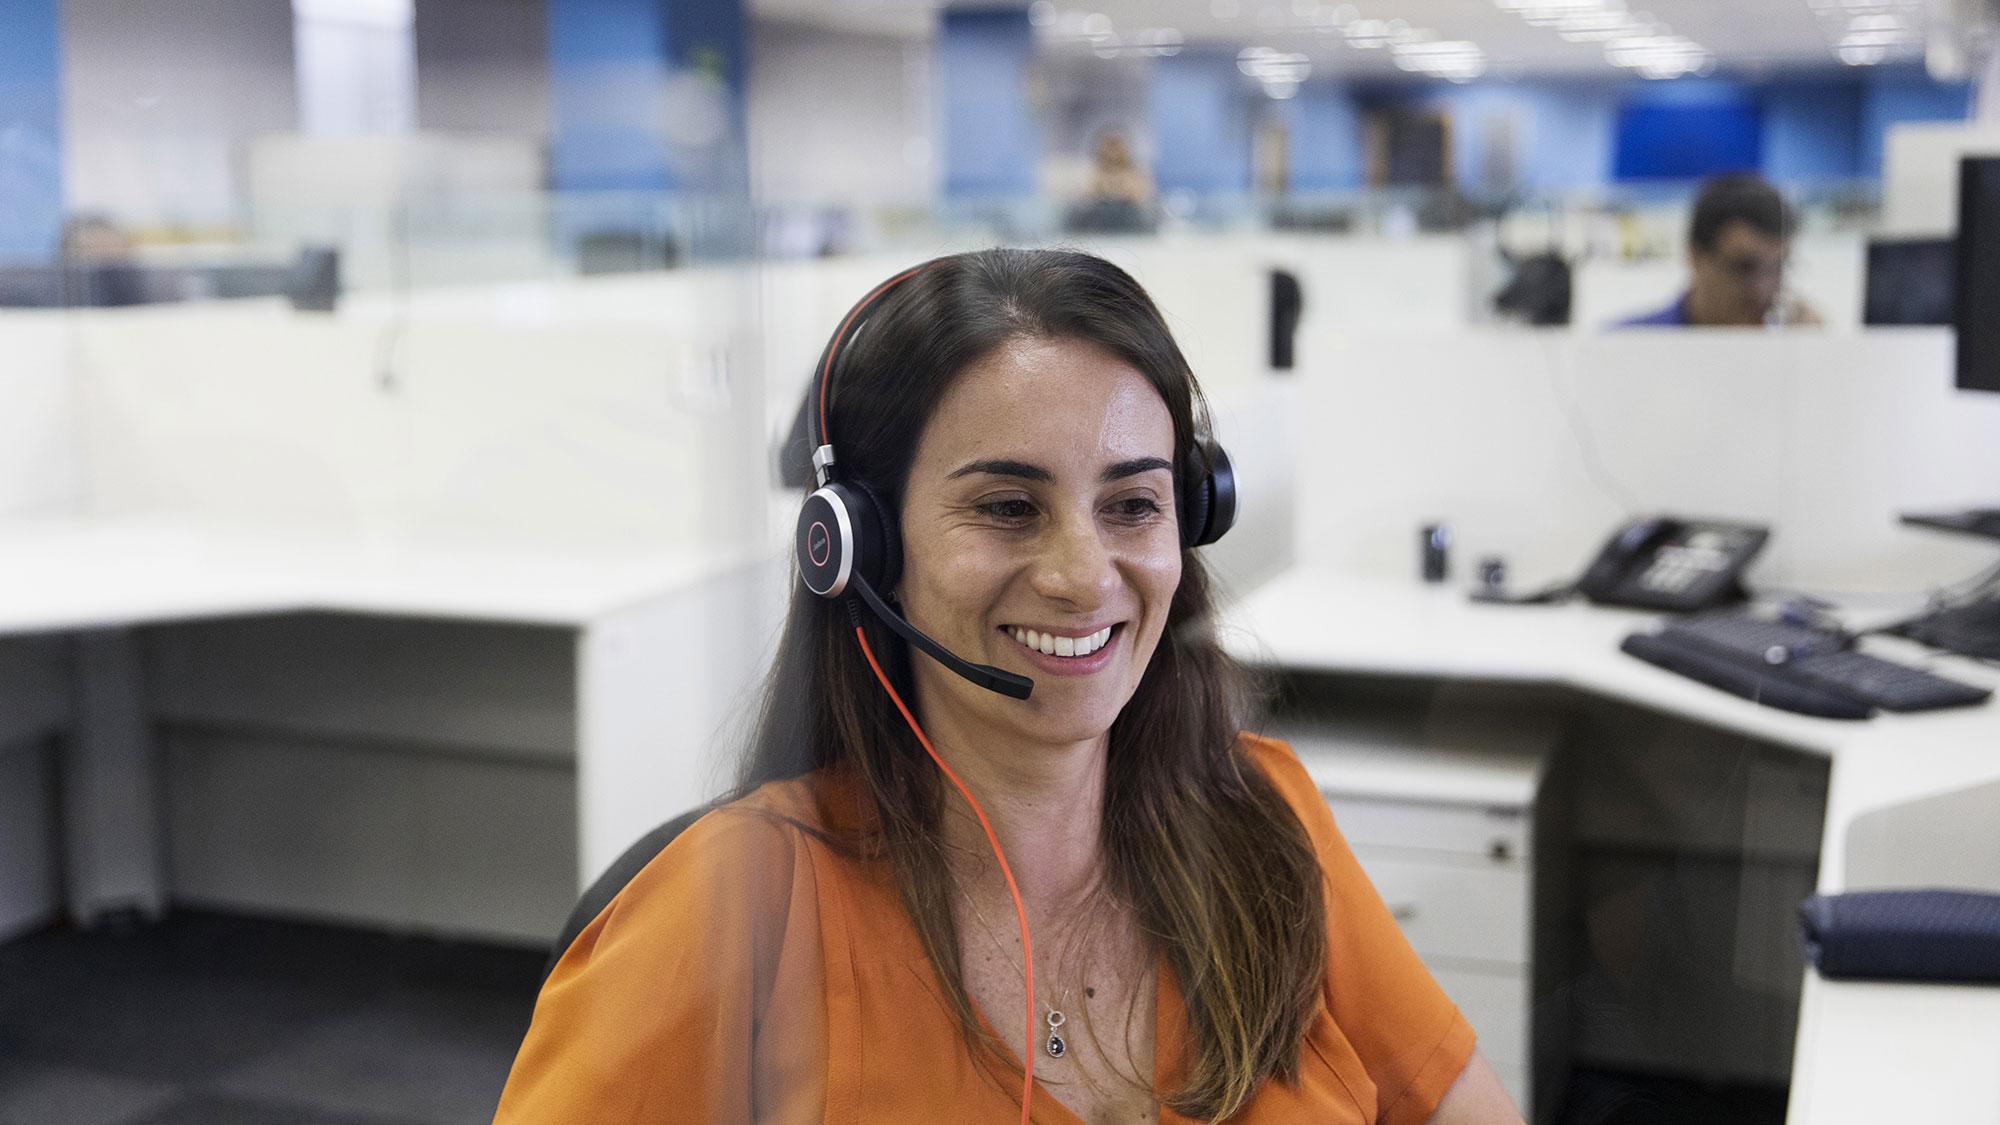 Améliorer la qualité du service et la satisfaction des usagers